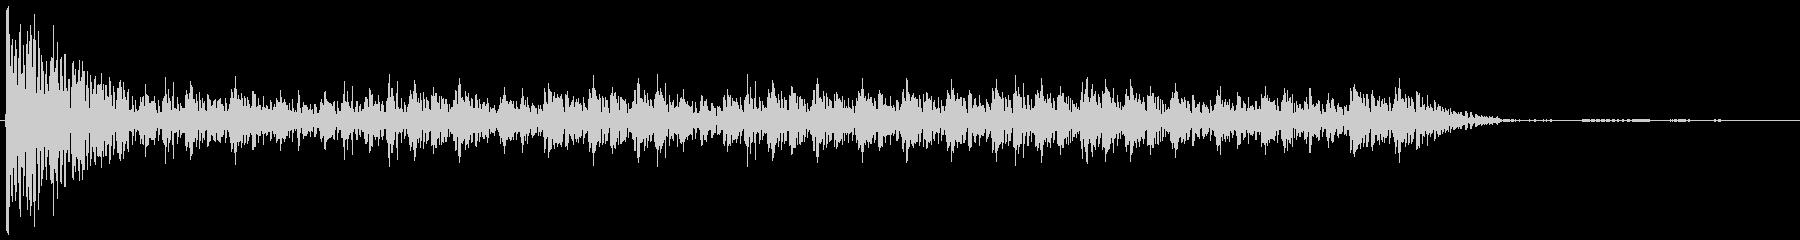 ドコドコドコドコ…(和太鼓、ロール)の未再生の波形